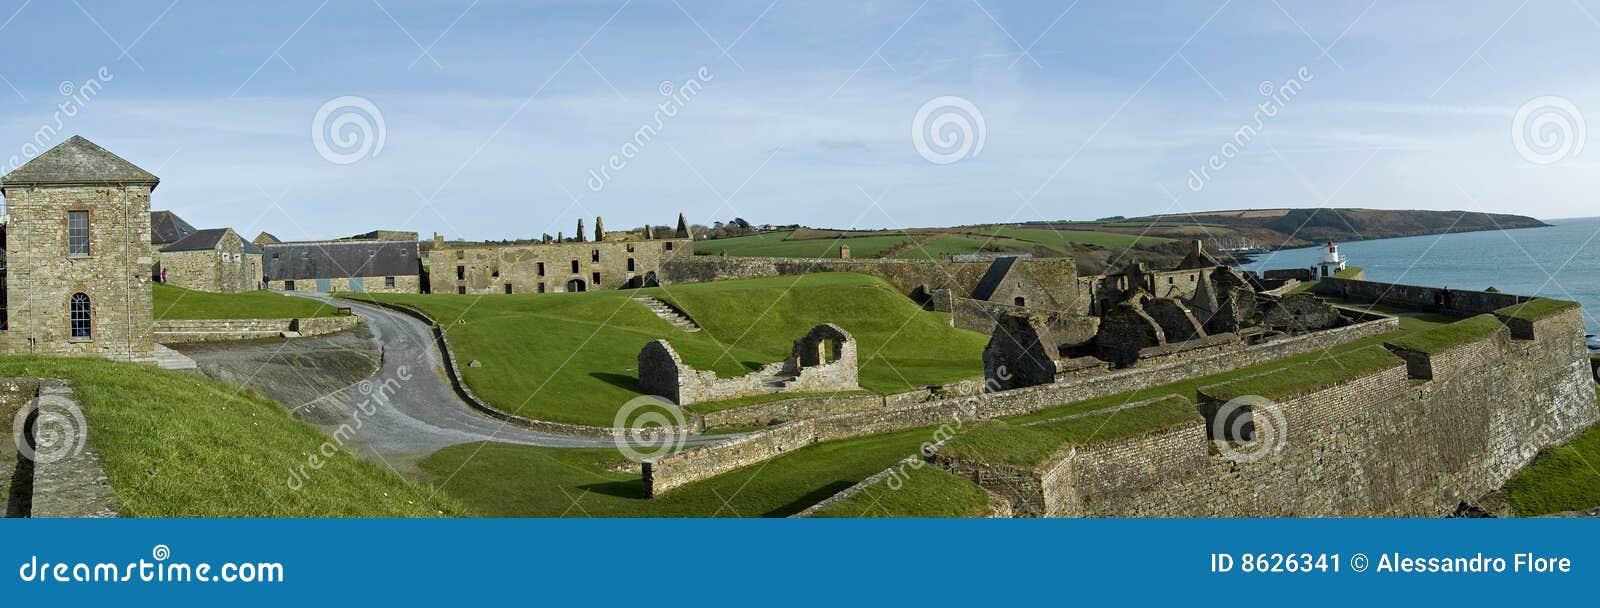 Fortificazione Kinsale del Charles